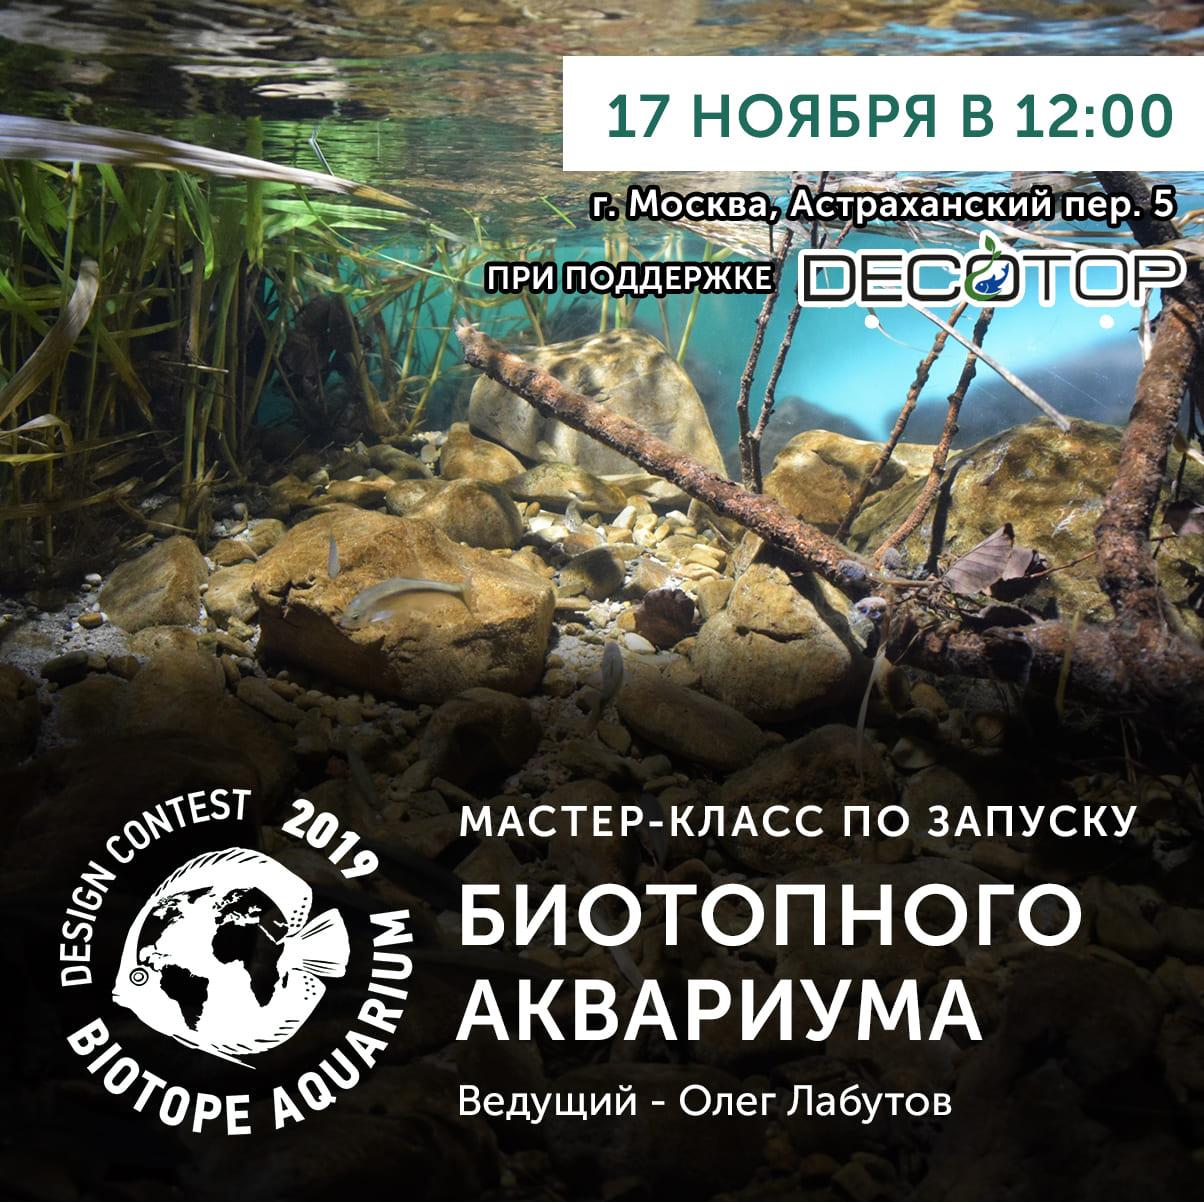 Мастер-класс по оформлению биотопного аквариума в Москве.